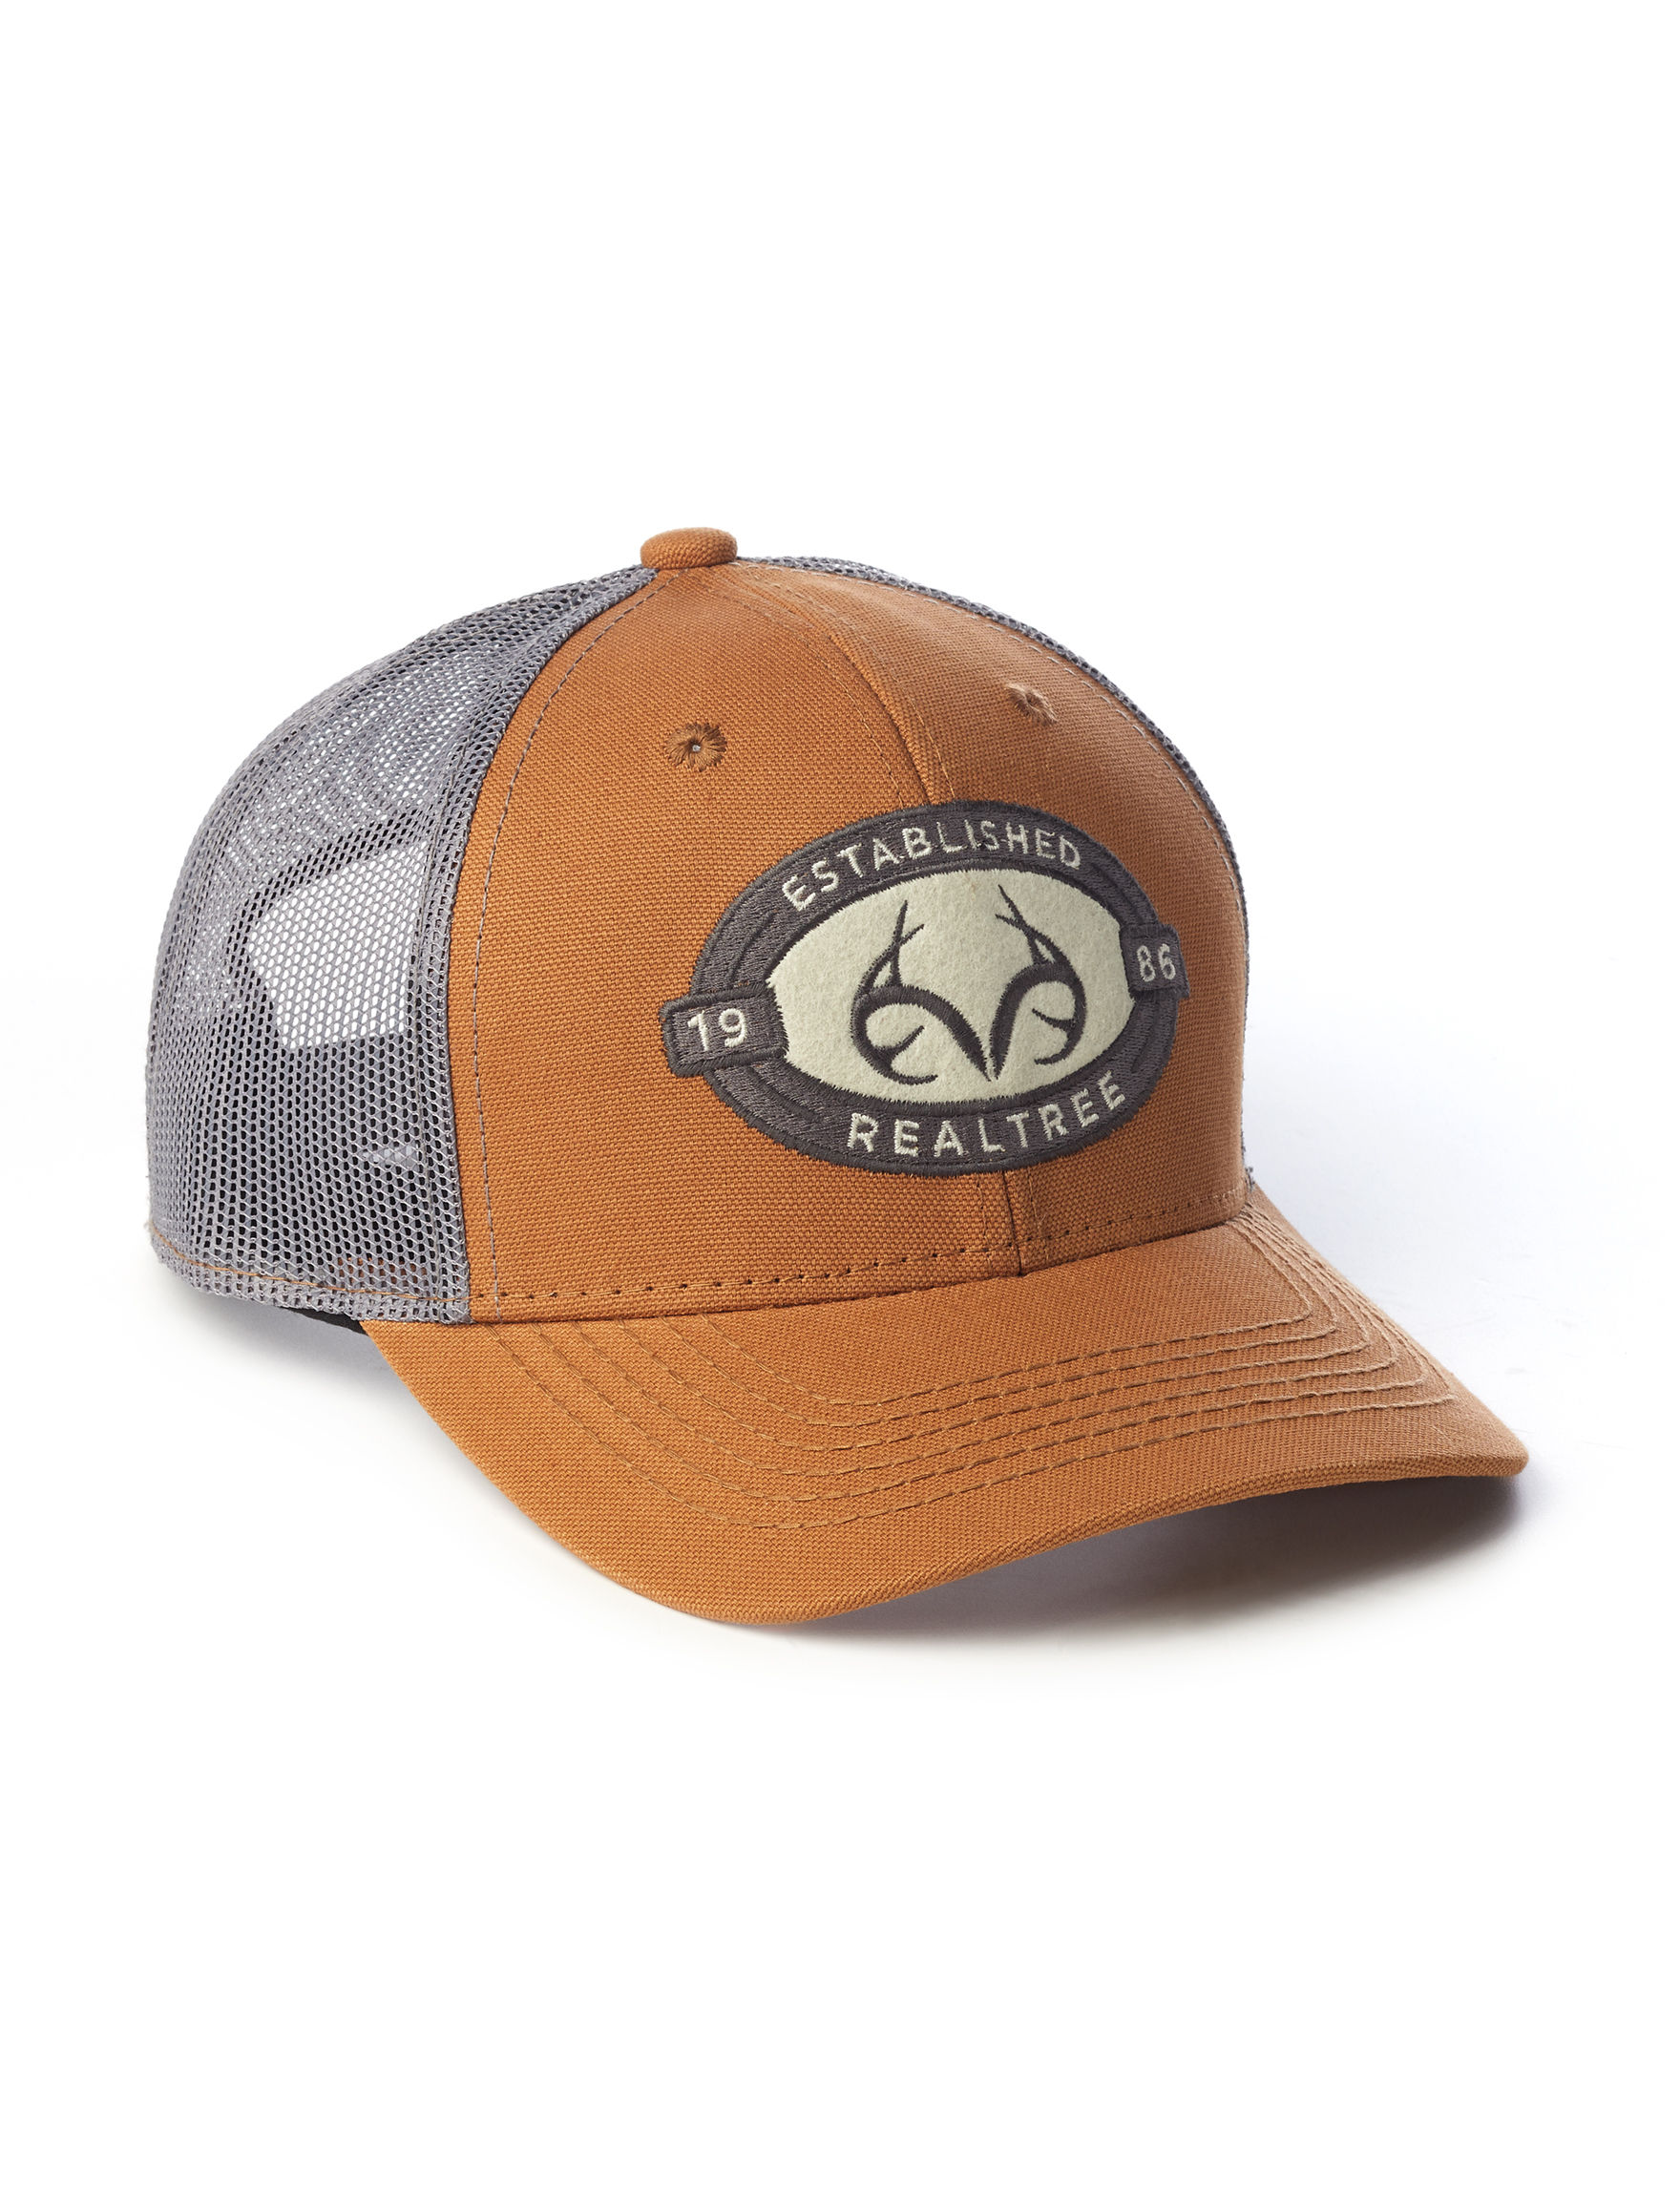 Realtree Orange / Multi Hats & Headwear